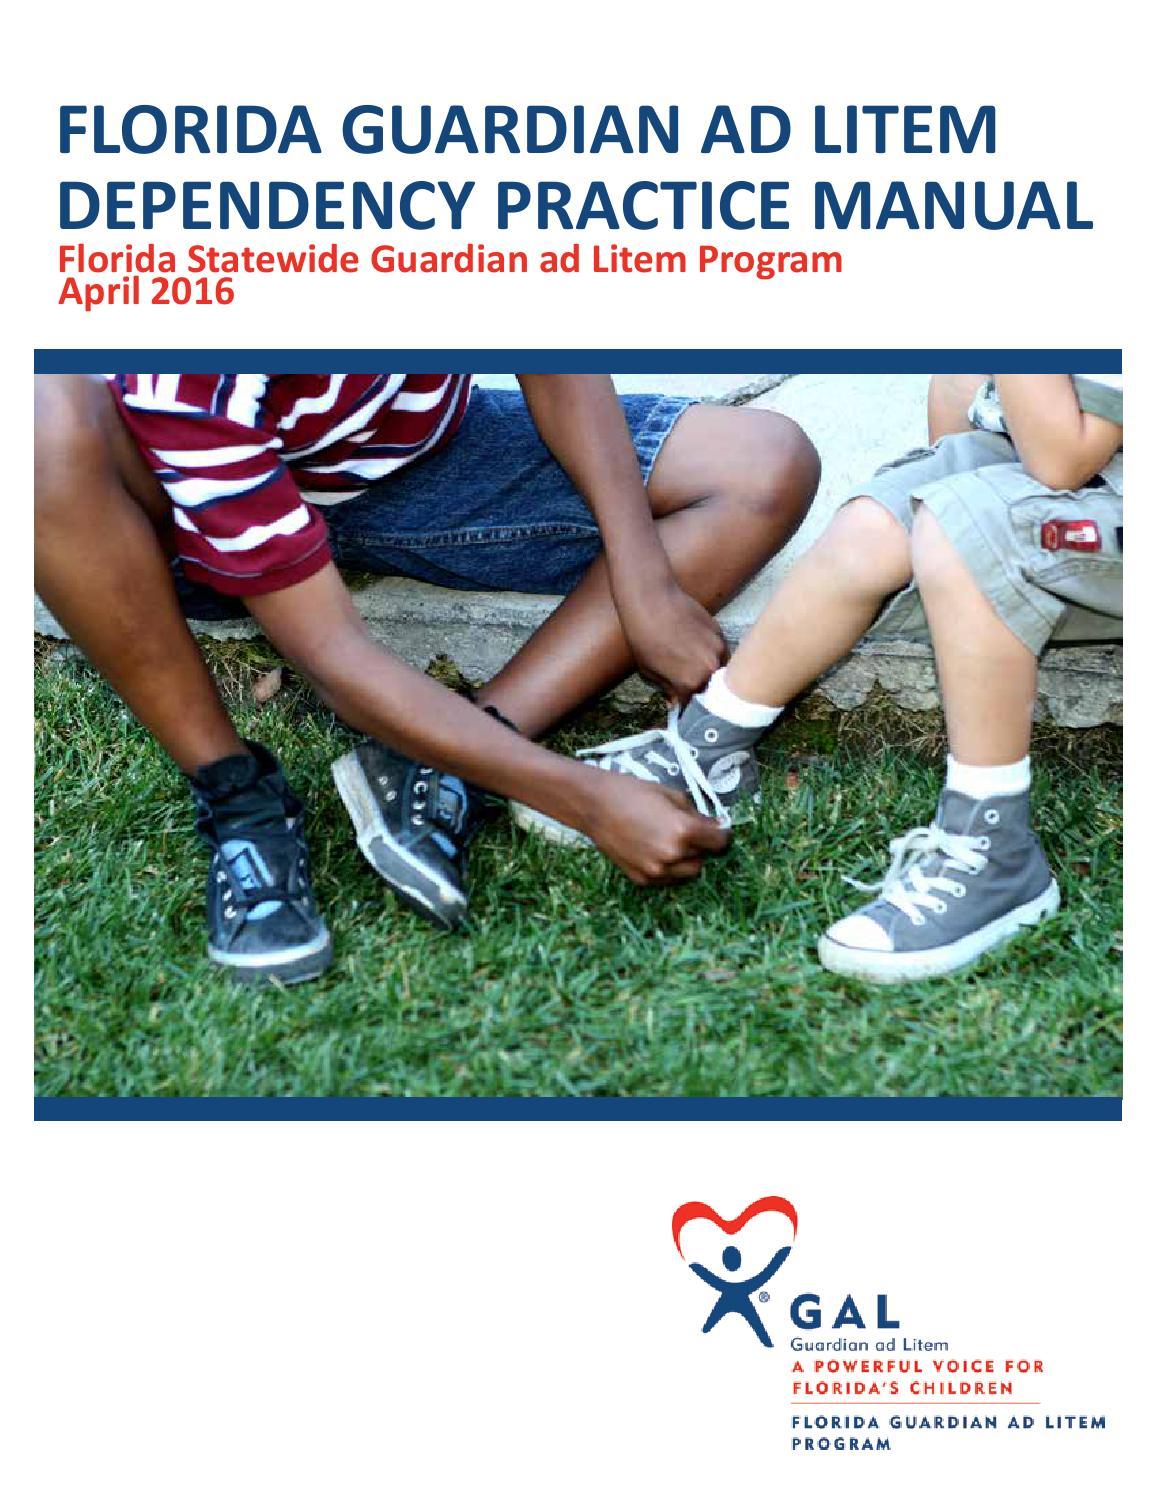 Workbooks tprh verbal workbook : Gal dependency practice manual web version final by elizabeth ...